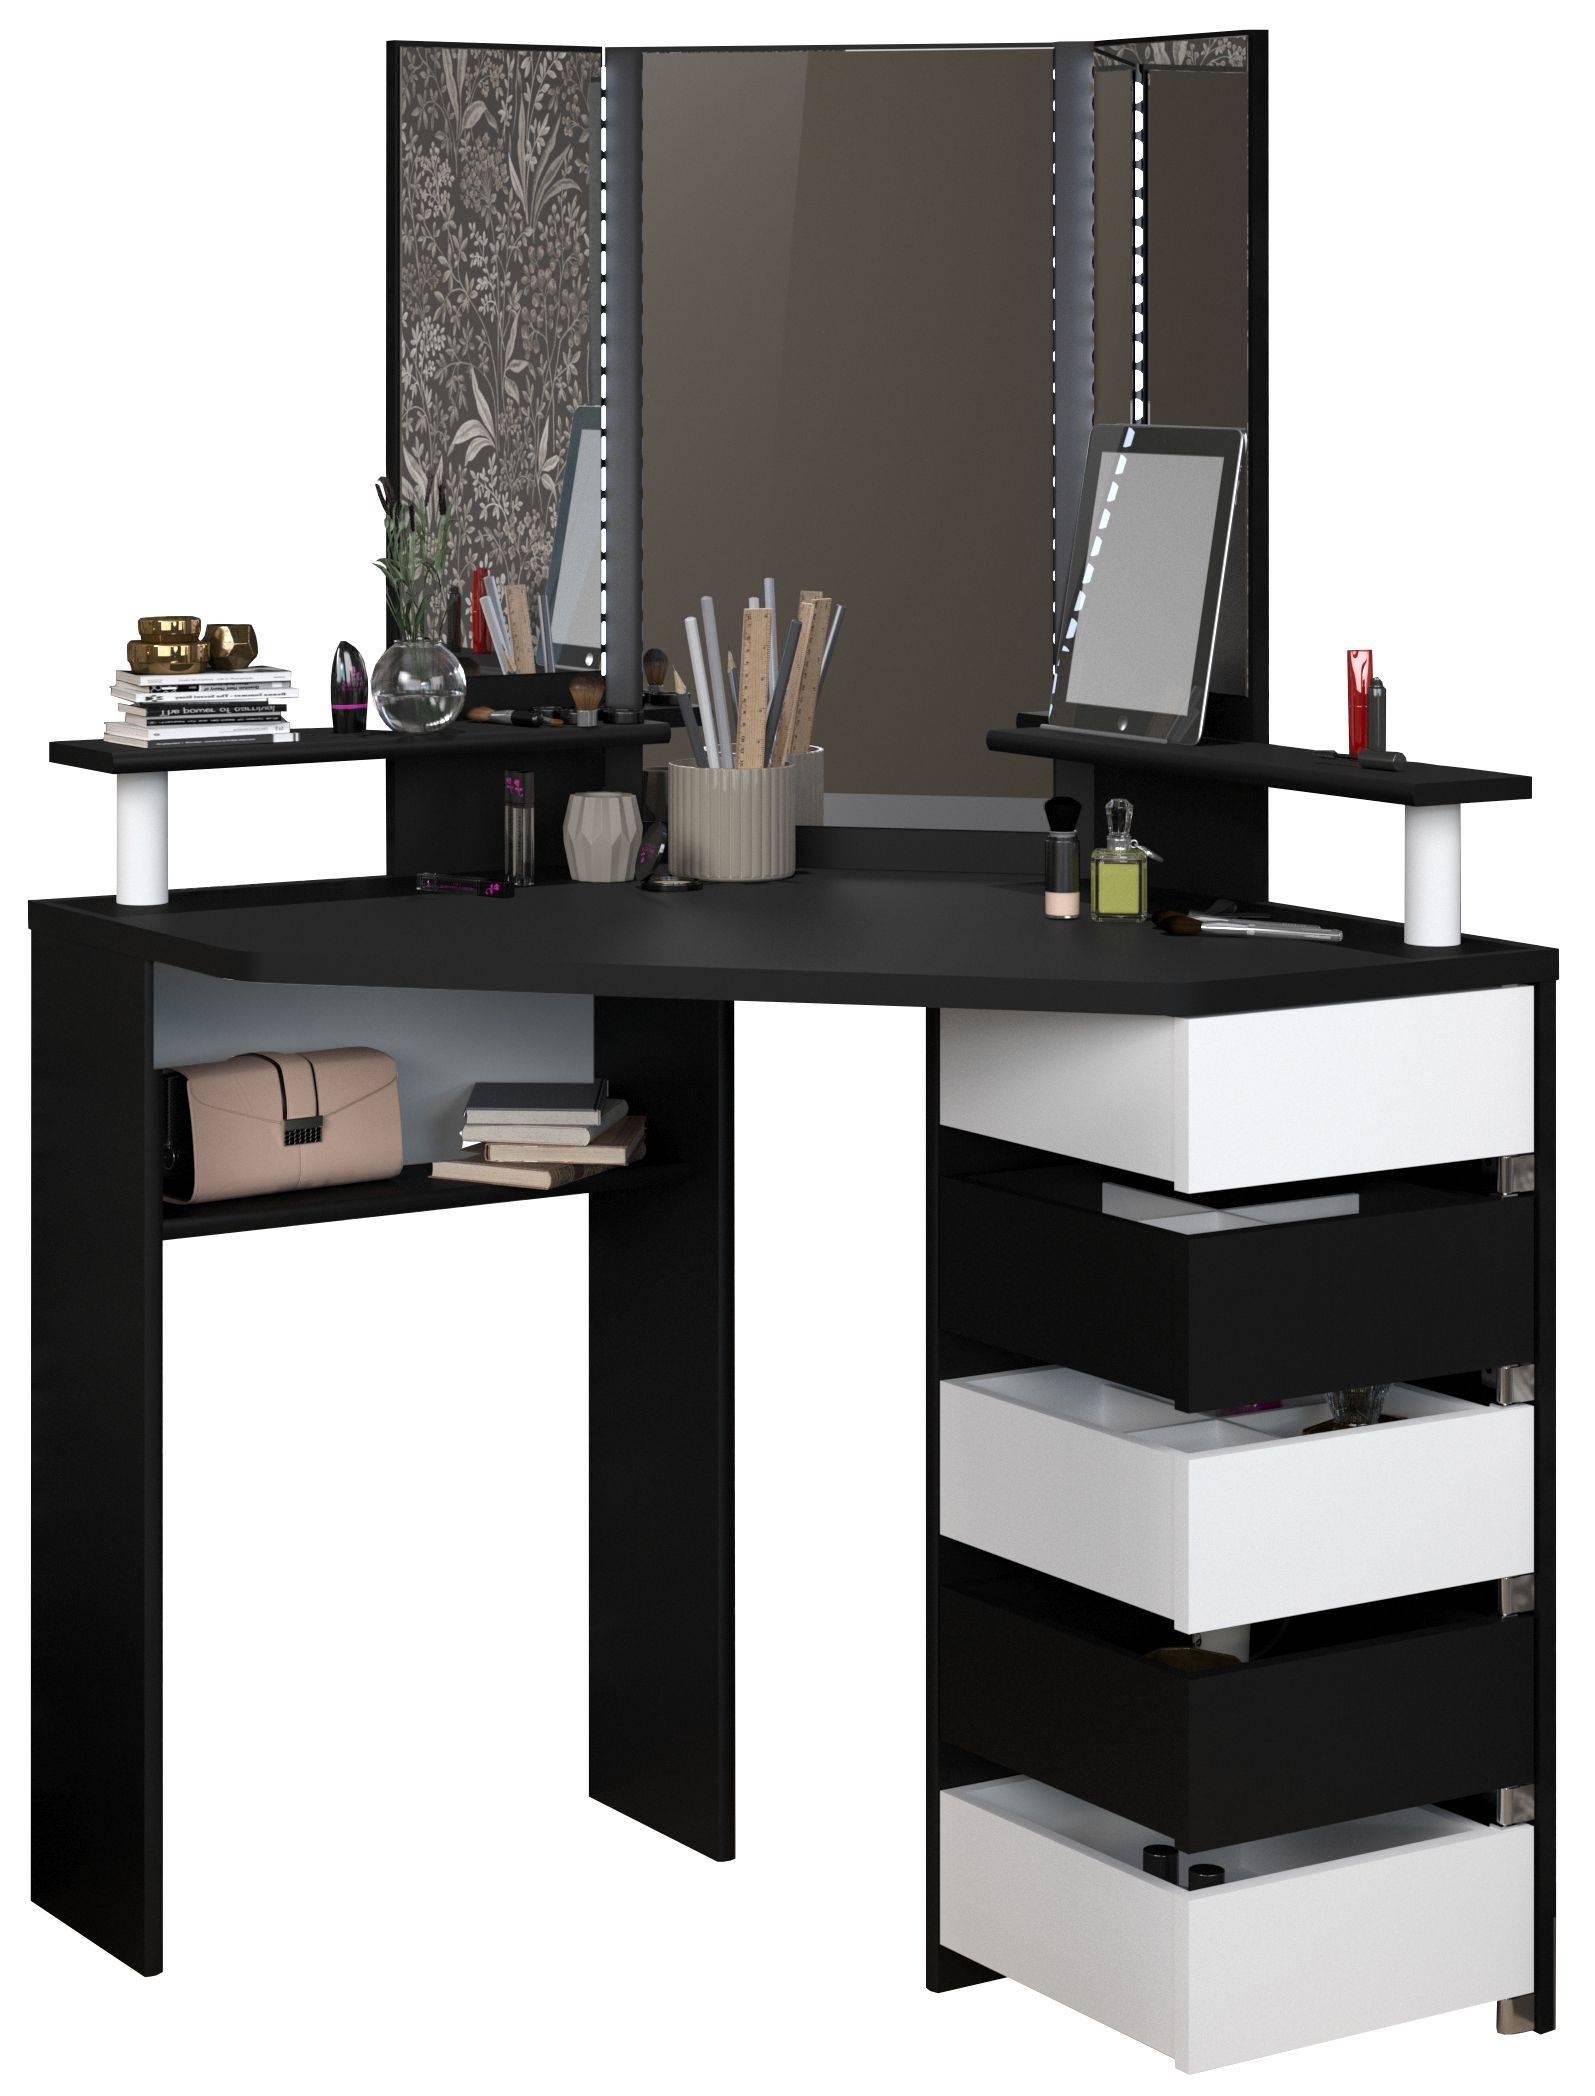 Γωνιακή Τουαλέτα Beauty με Καθρέπτη-Μαύρο - Λευκό